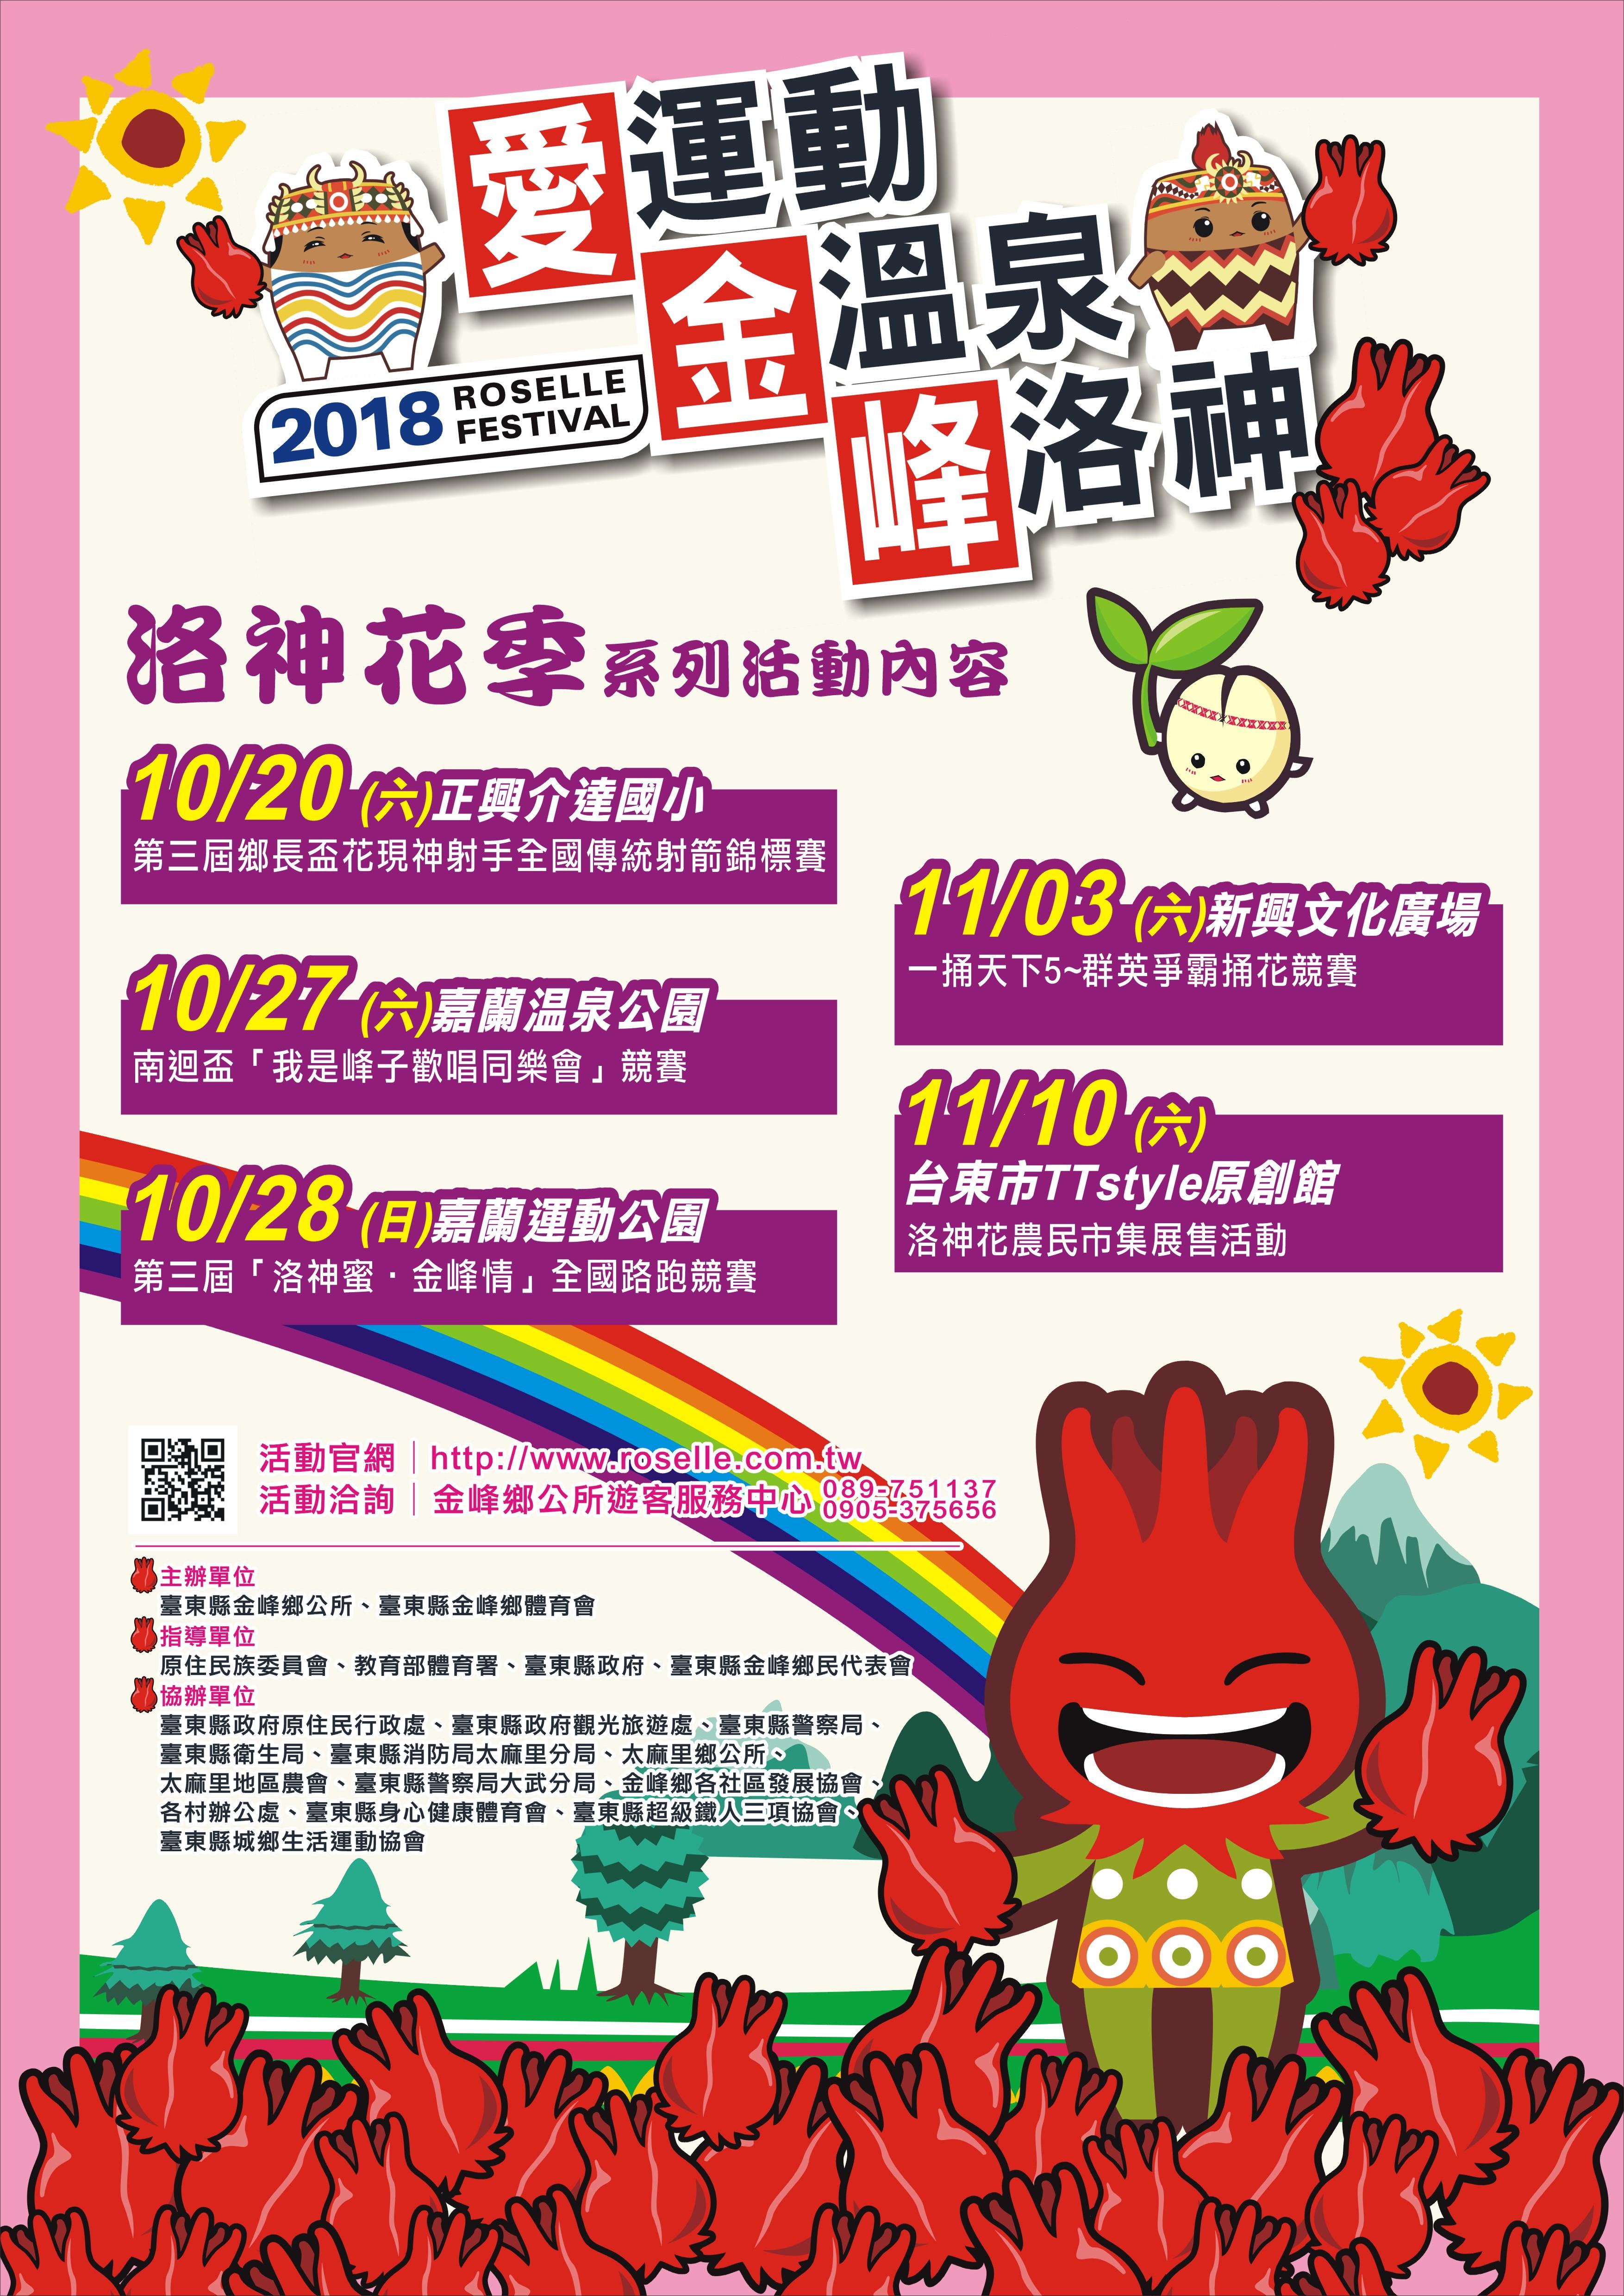 2018「百步之鄉」金峰鄉洛神花季